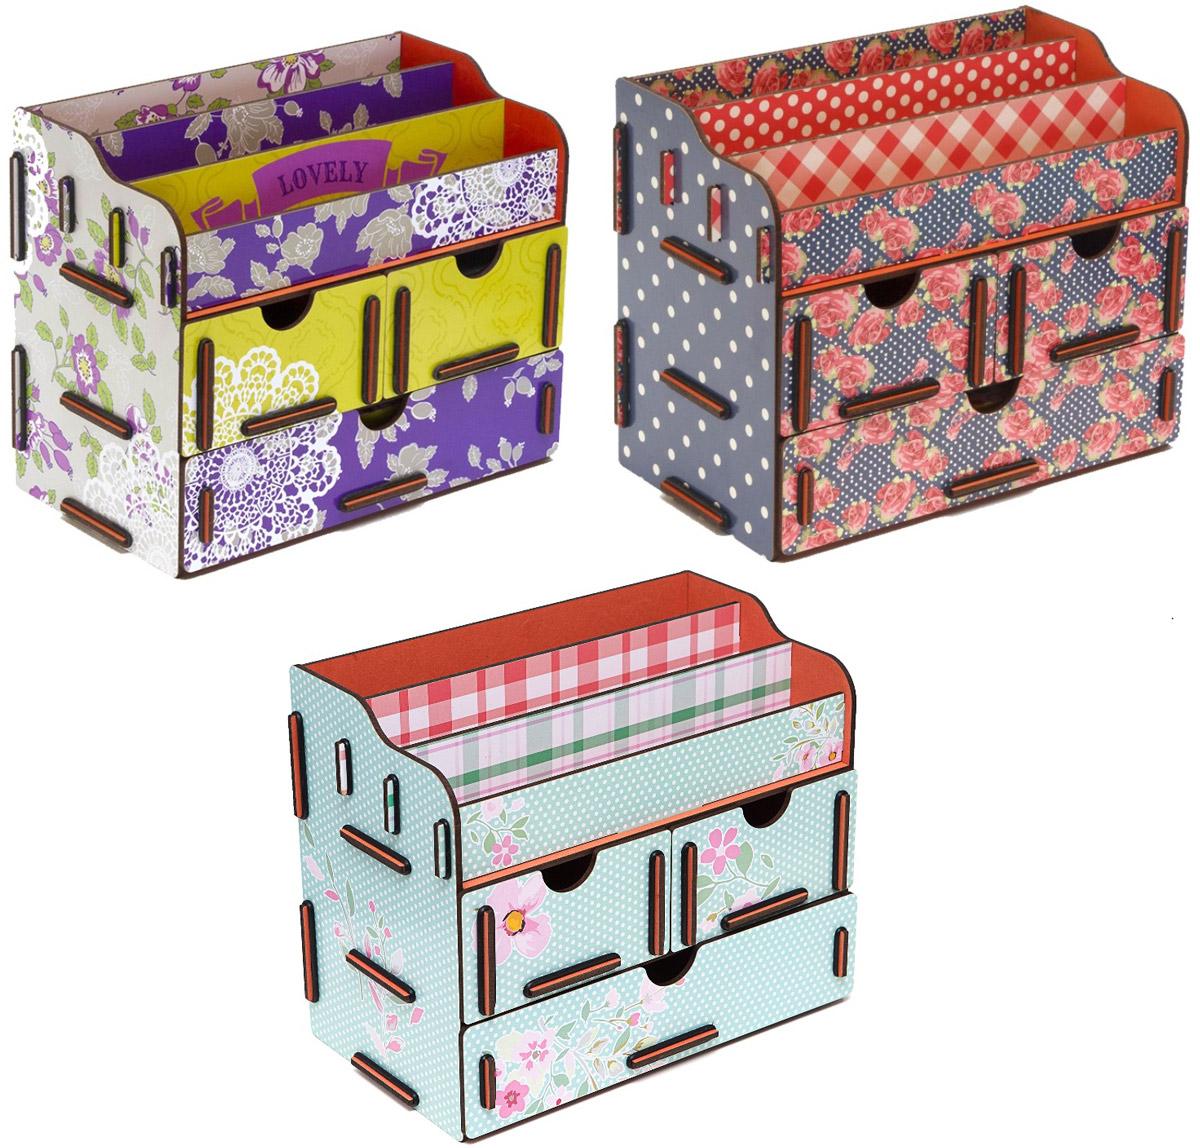 Набор шкатулок Homsu Любовь, увитая цветами, для украшений, 3 штDEN-07Набор Homsu  Любовь, увитая цветами состоит из оригинальных шкатулок, выполненных из МДФ, и имеет множество полочек сверху для хранения косметики, парфюмерии и аксессуаров, а также ящички, которые позволят разместить в них все самое необходимое и сокровенное для каждой женщины. Шкатулочки можно поставить на стол, они станут отличным дополнением интерьера.